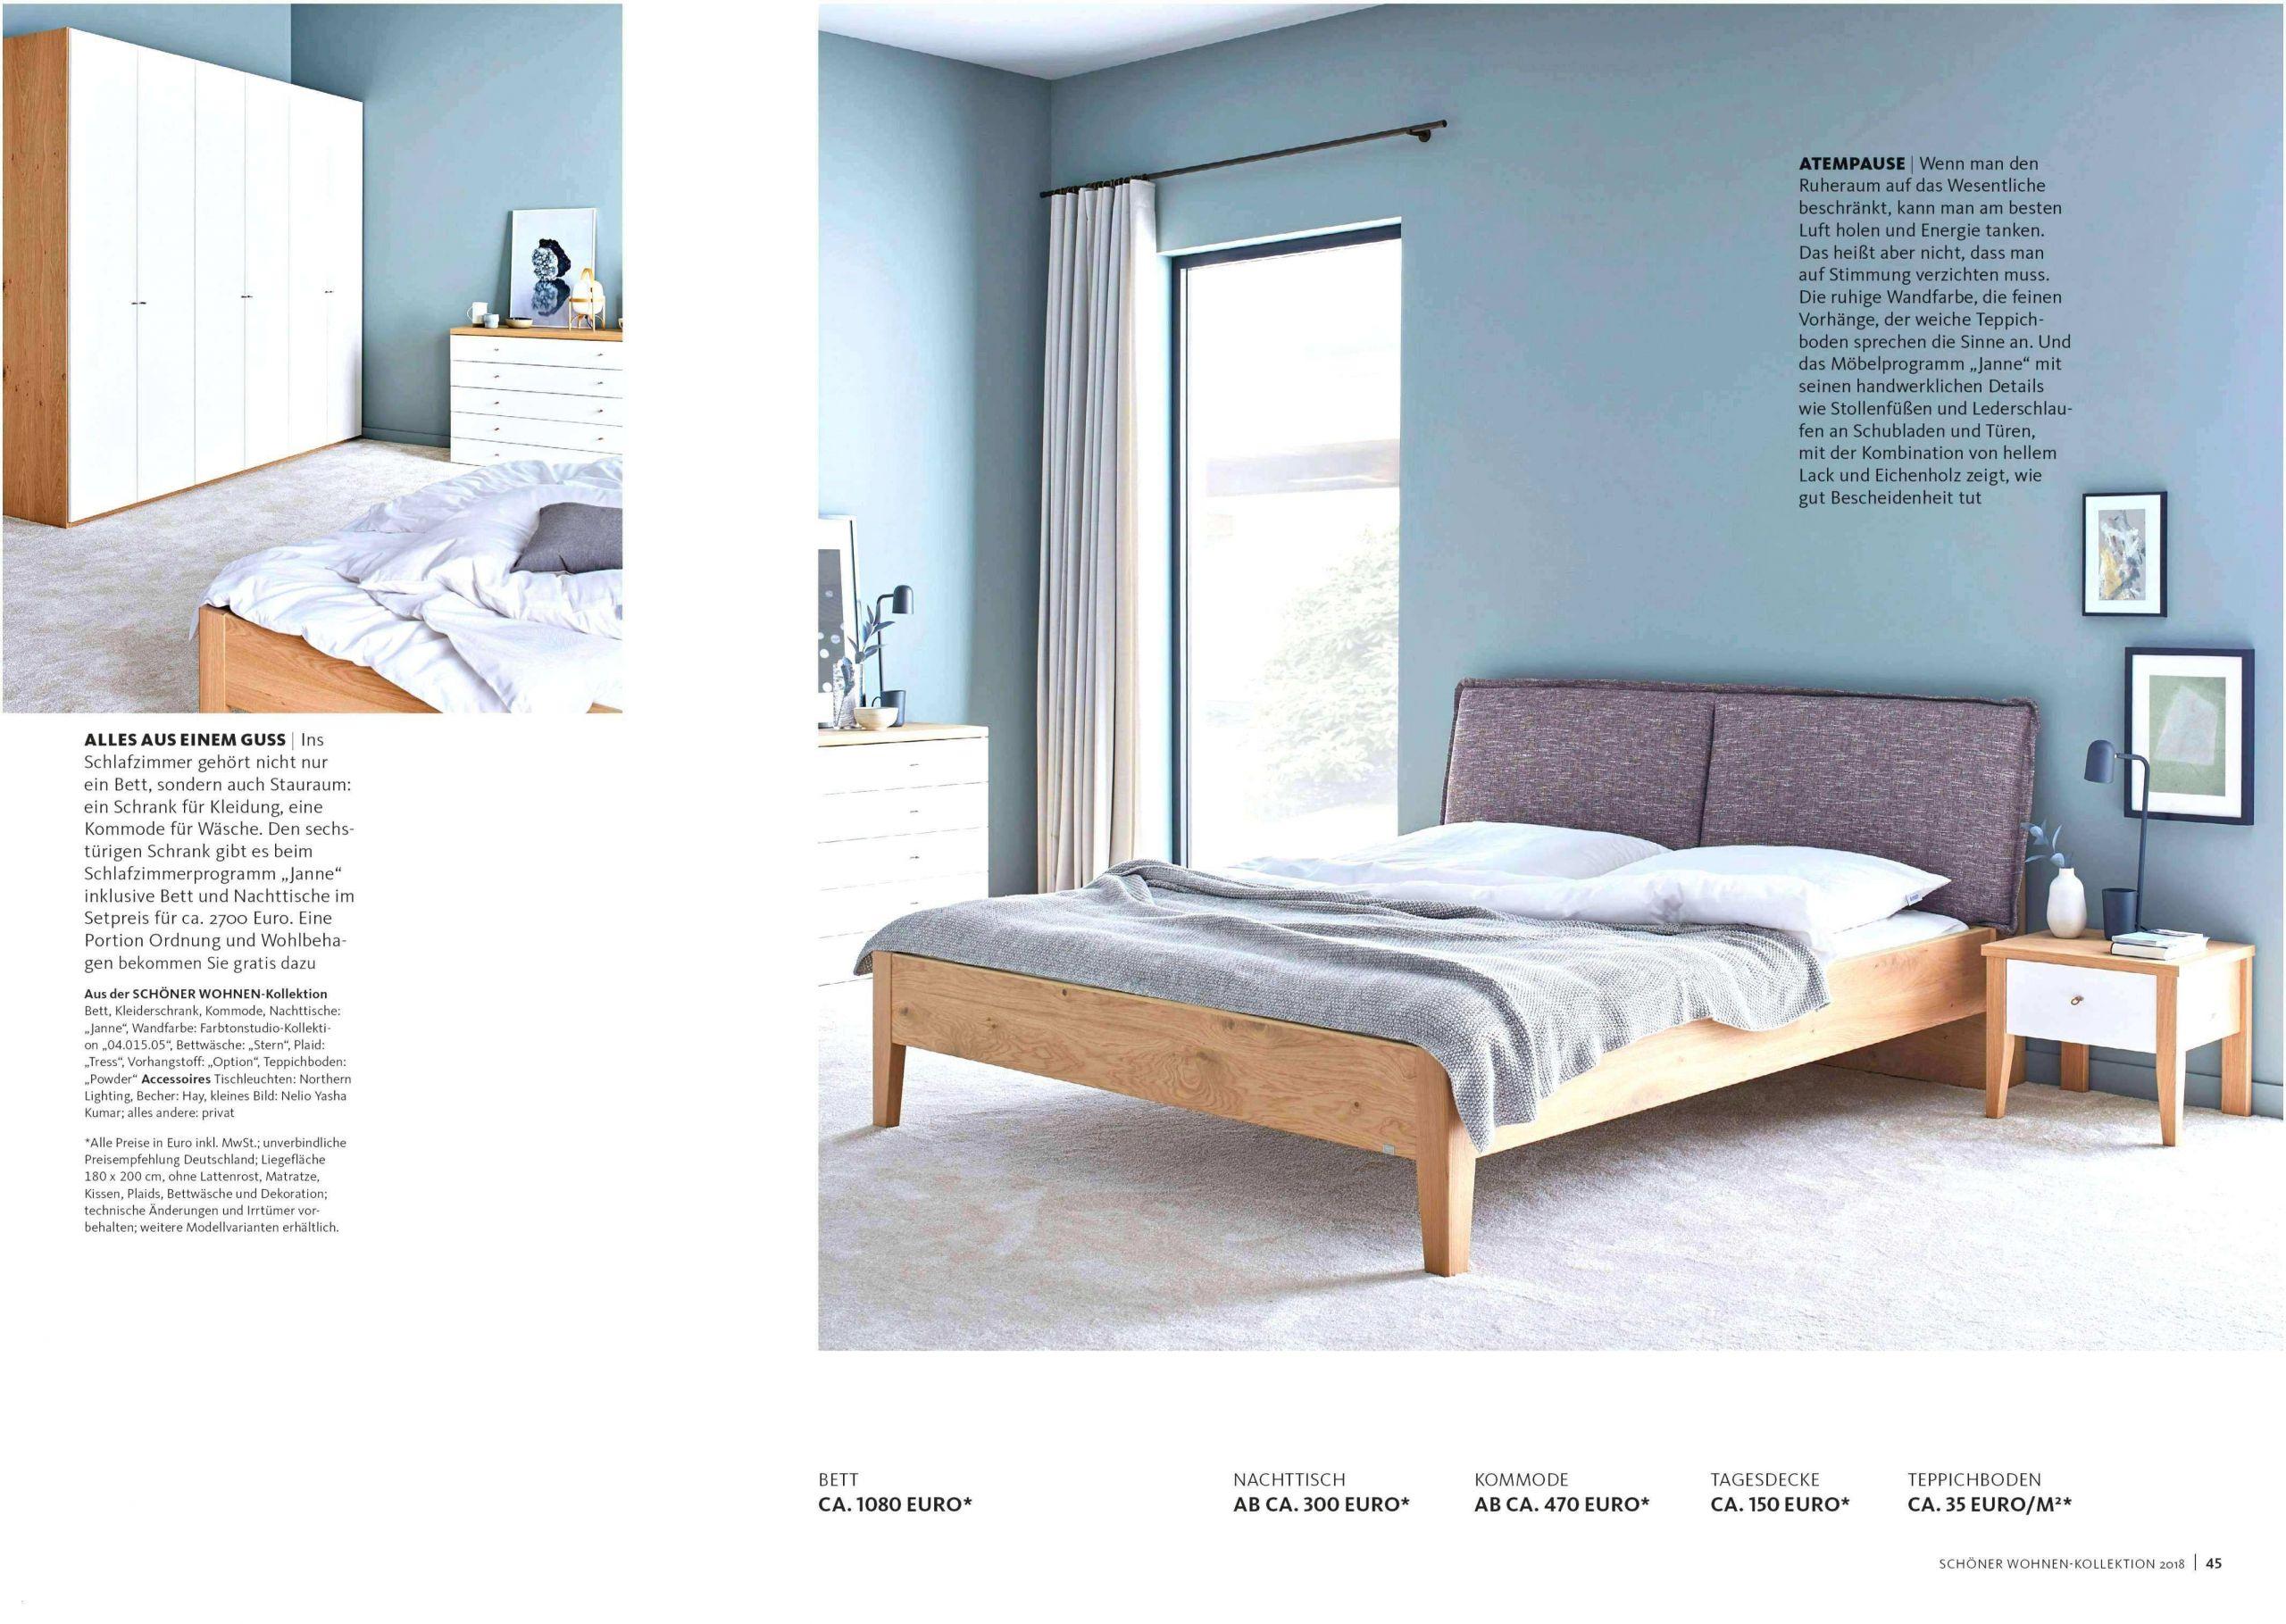 deko ideen fur wohnzimmer einzigartig einzigartig ideen fur wohnzimmer of deko ideen fur wohnzimmer